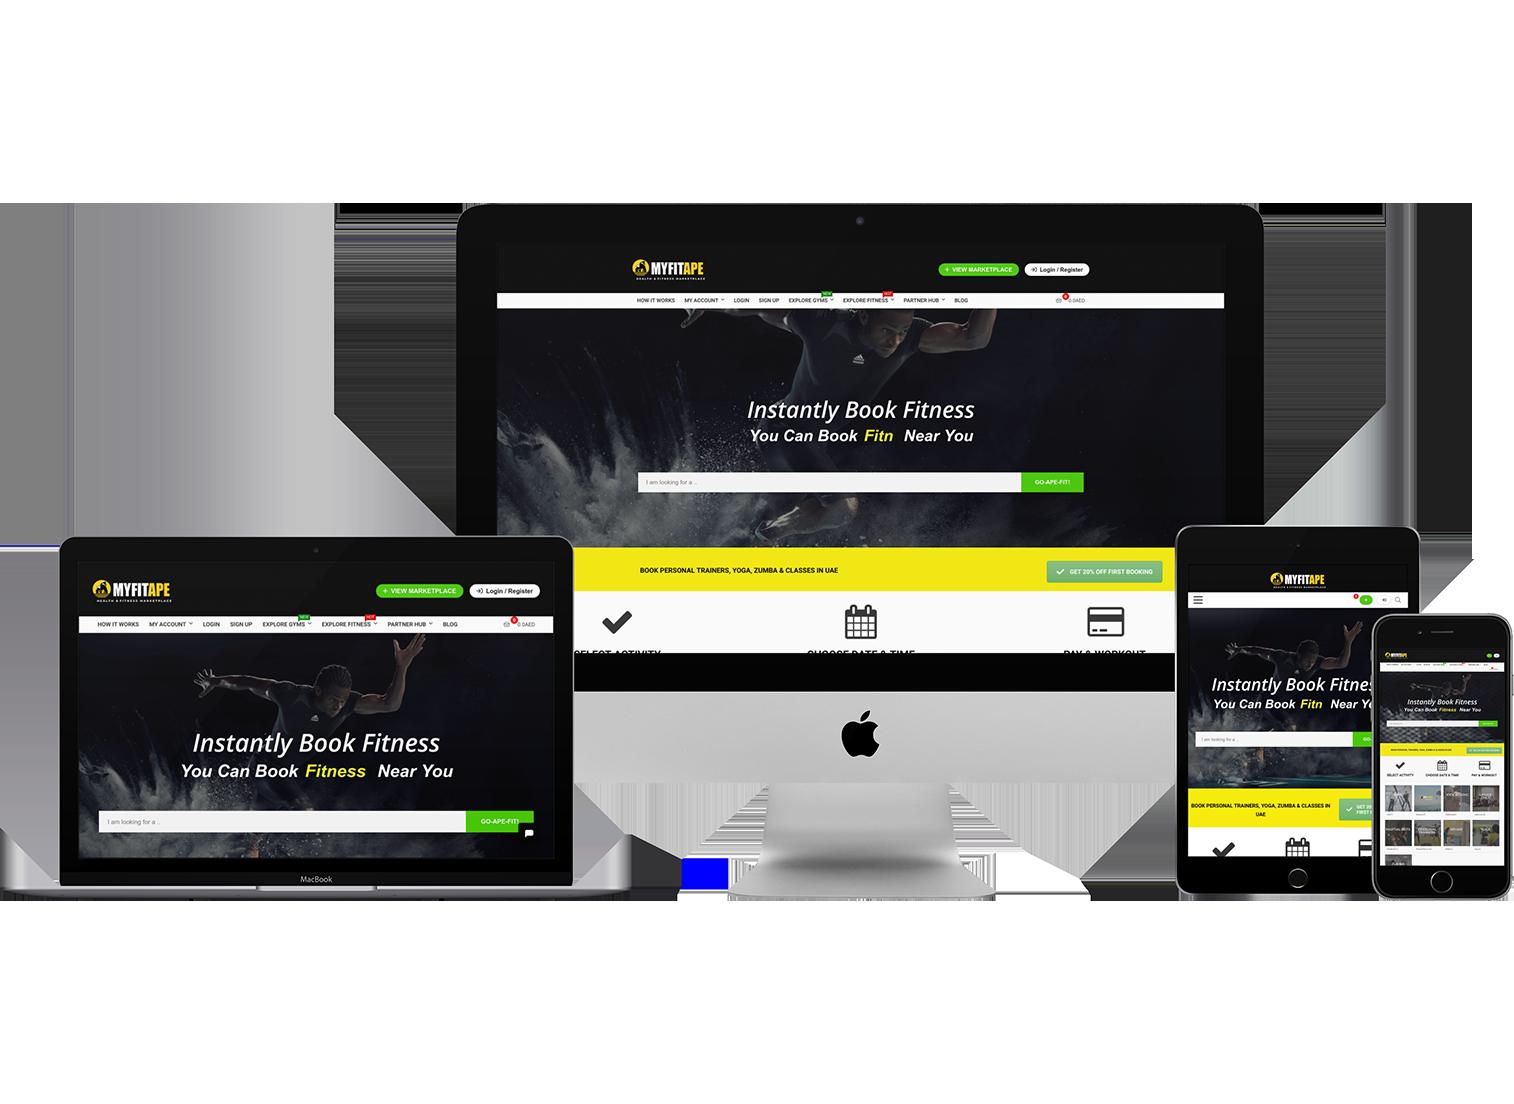 デザインで問題解決ウェブデザインから紙媒体ムービー制作 デザイン性の高いウェブサイト 費用対効果が高い スマホ対応 制作後のサポート プロのデザイナーによる計算されたレイアウト設計で、デザイン性の高いホームページ制作を行います。